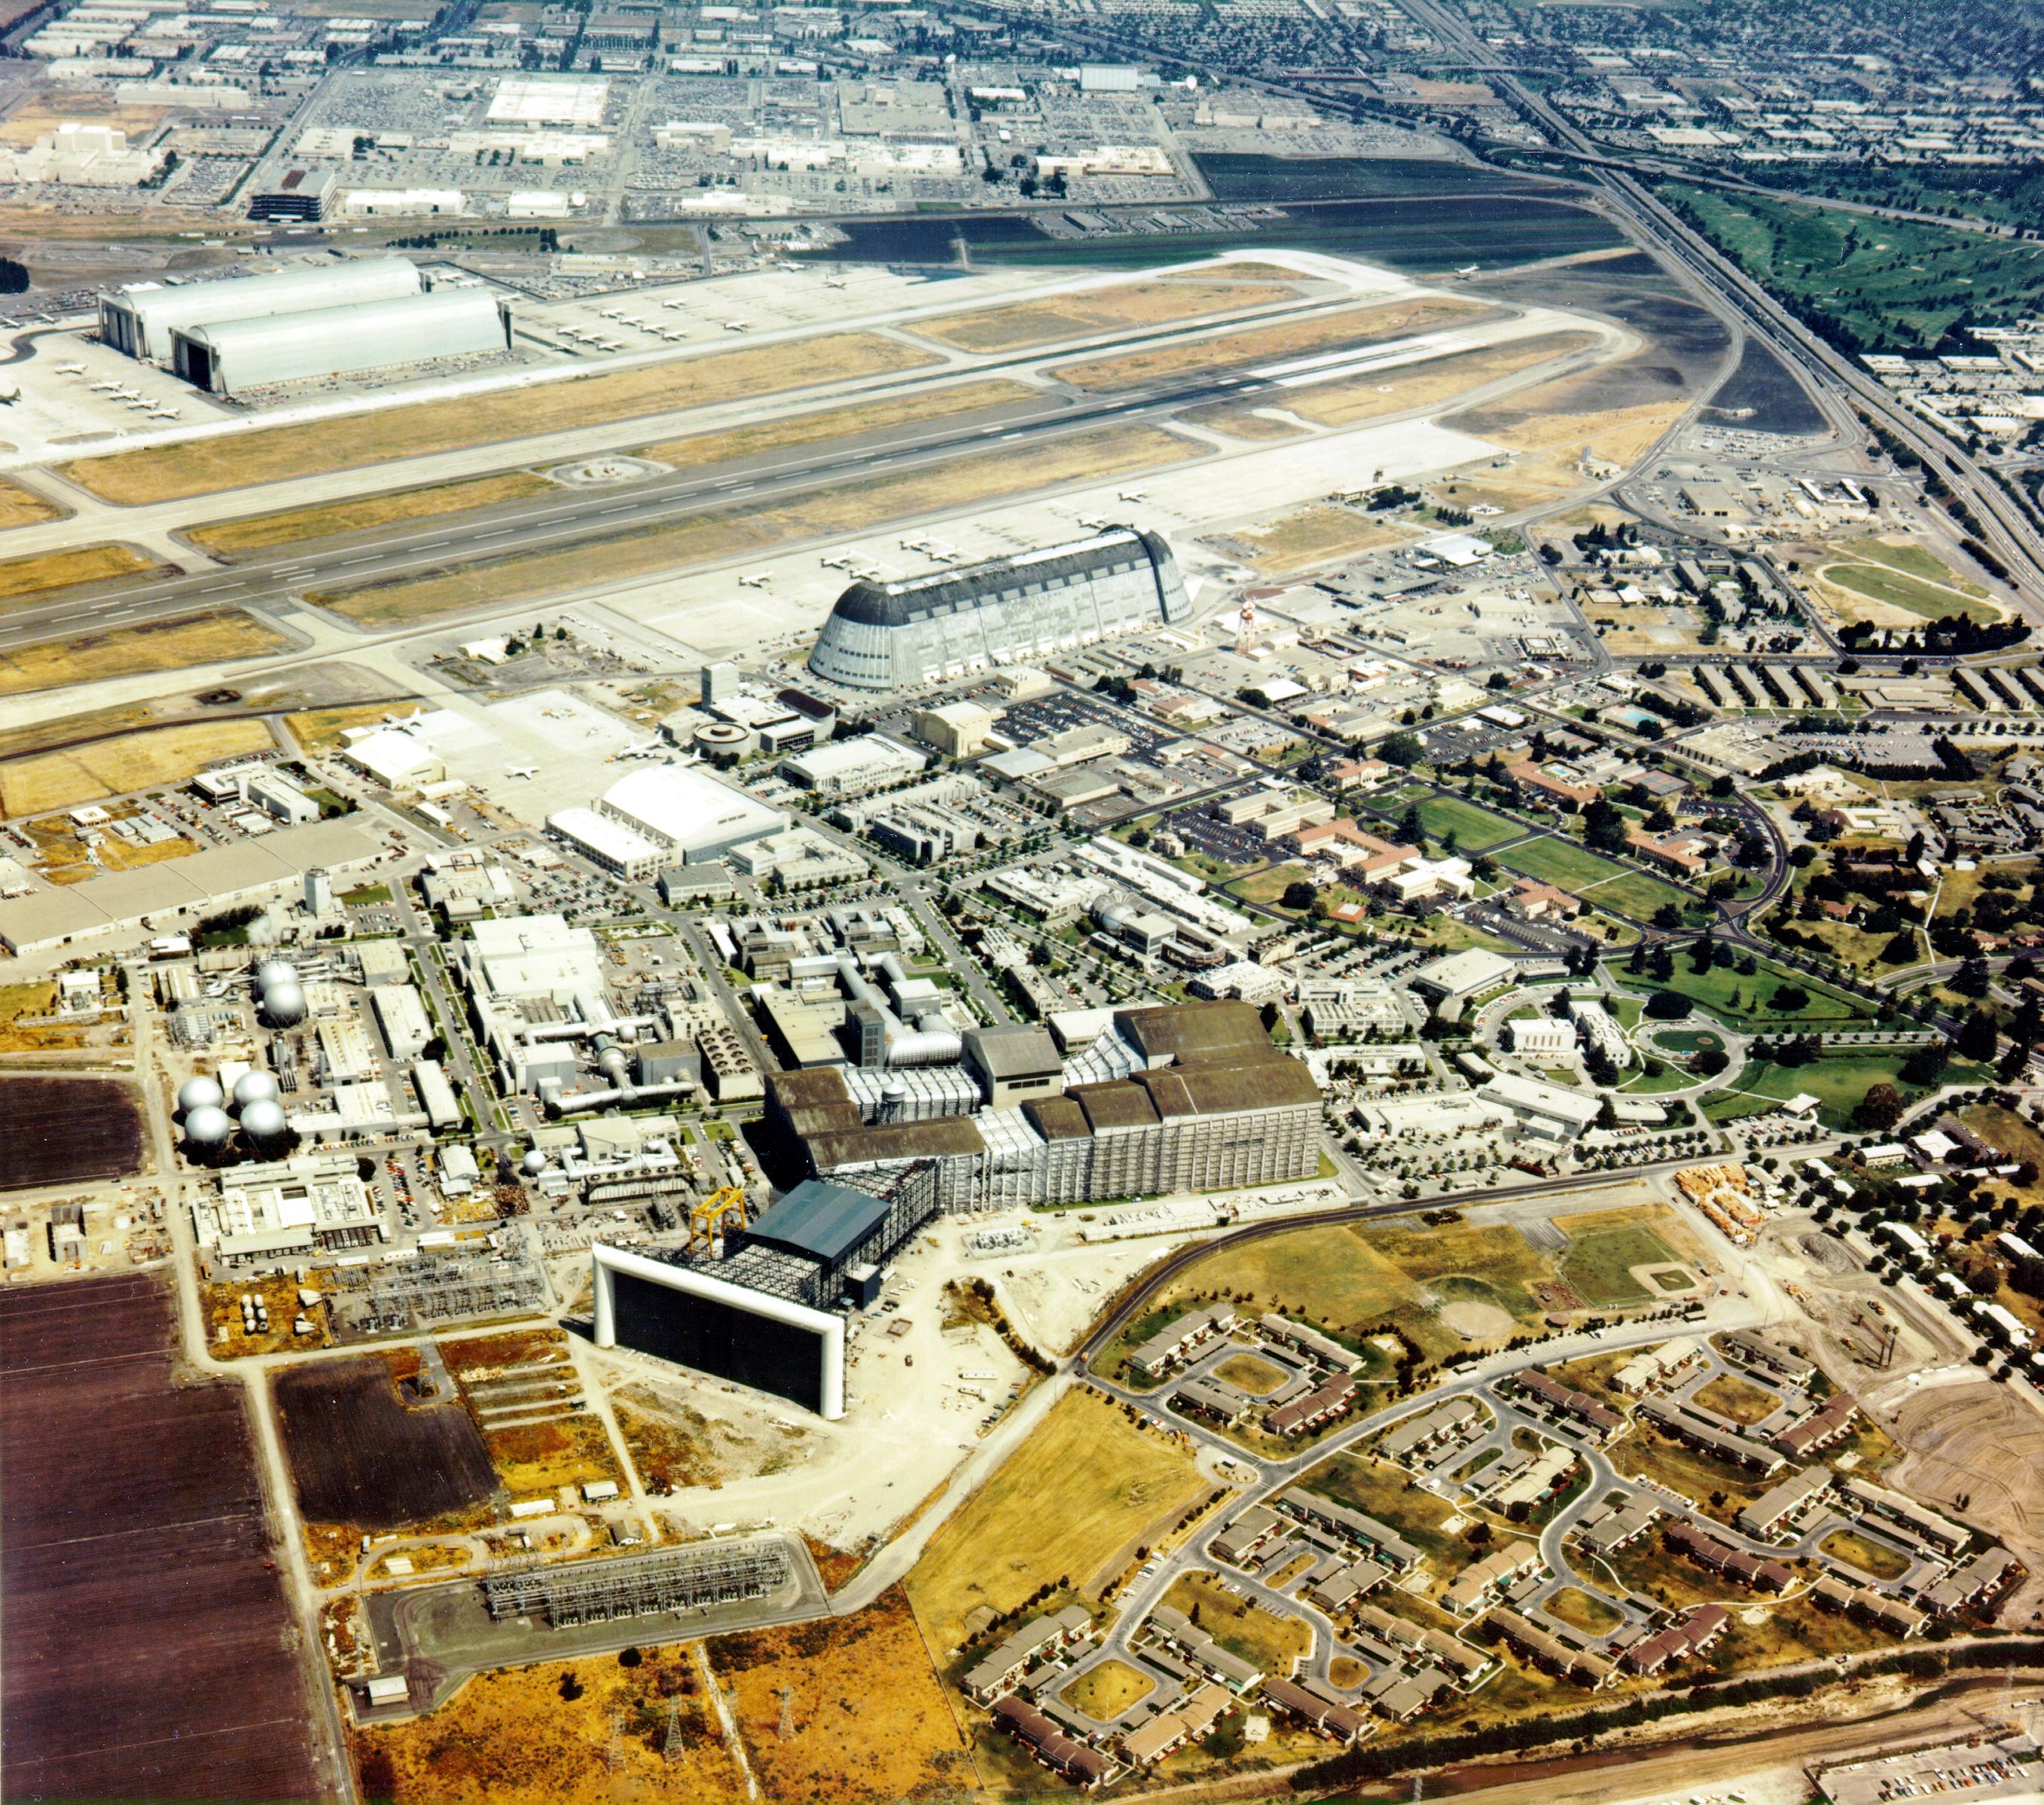 Moffett Federal Airfield Airport